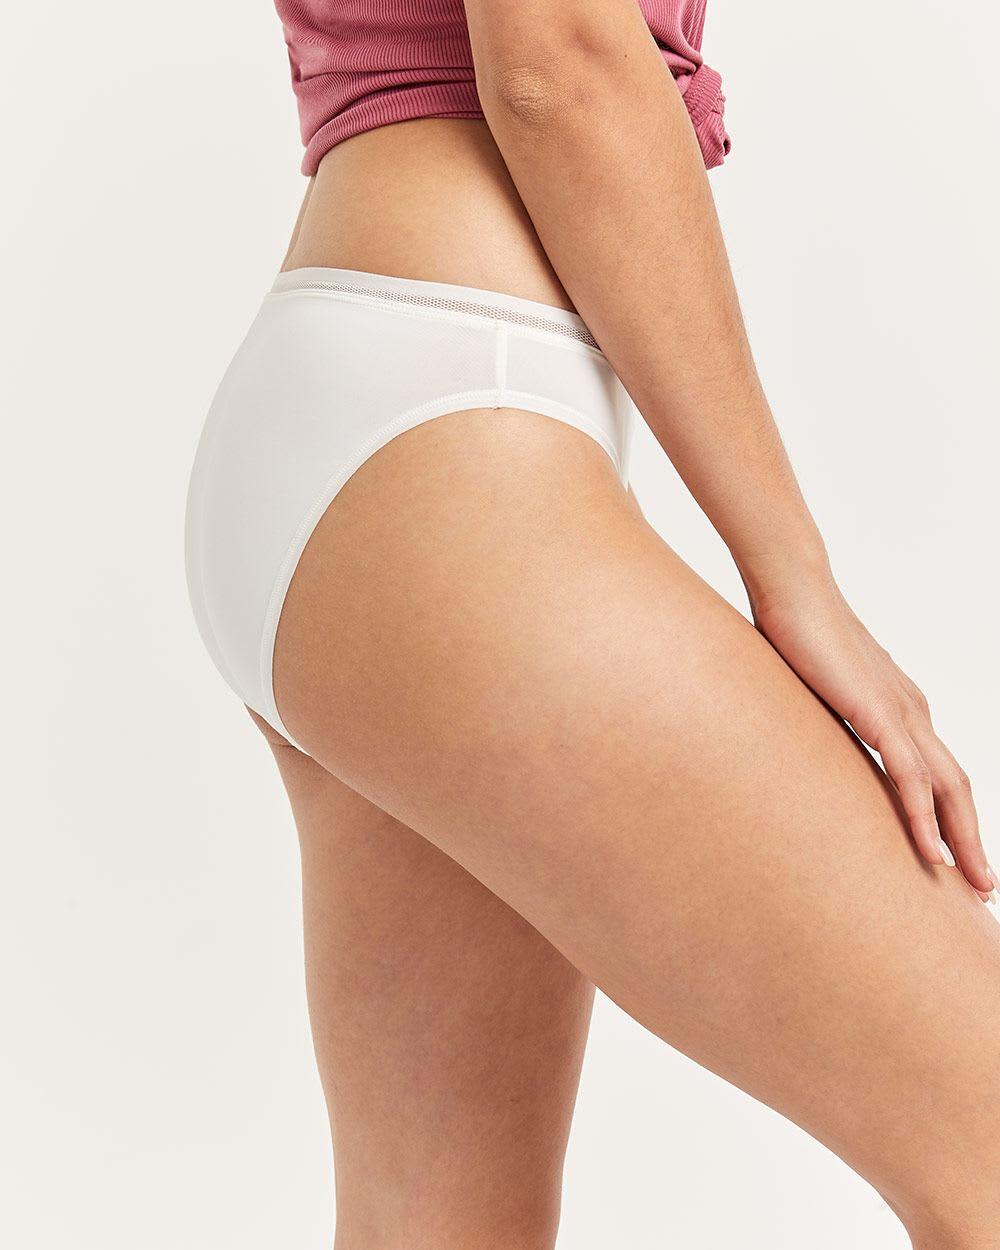 Microfiber bikini panty